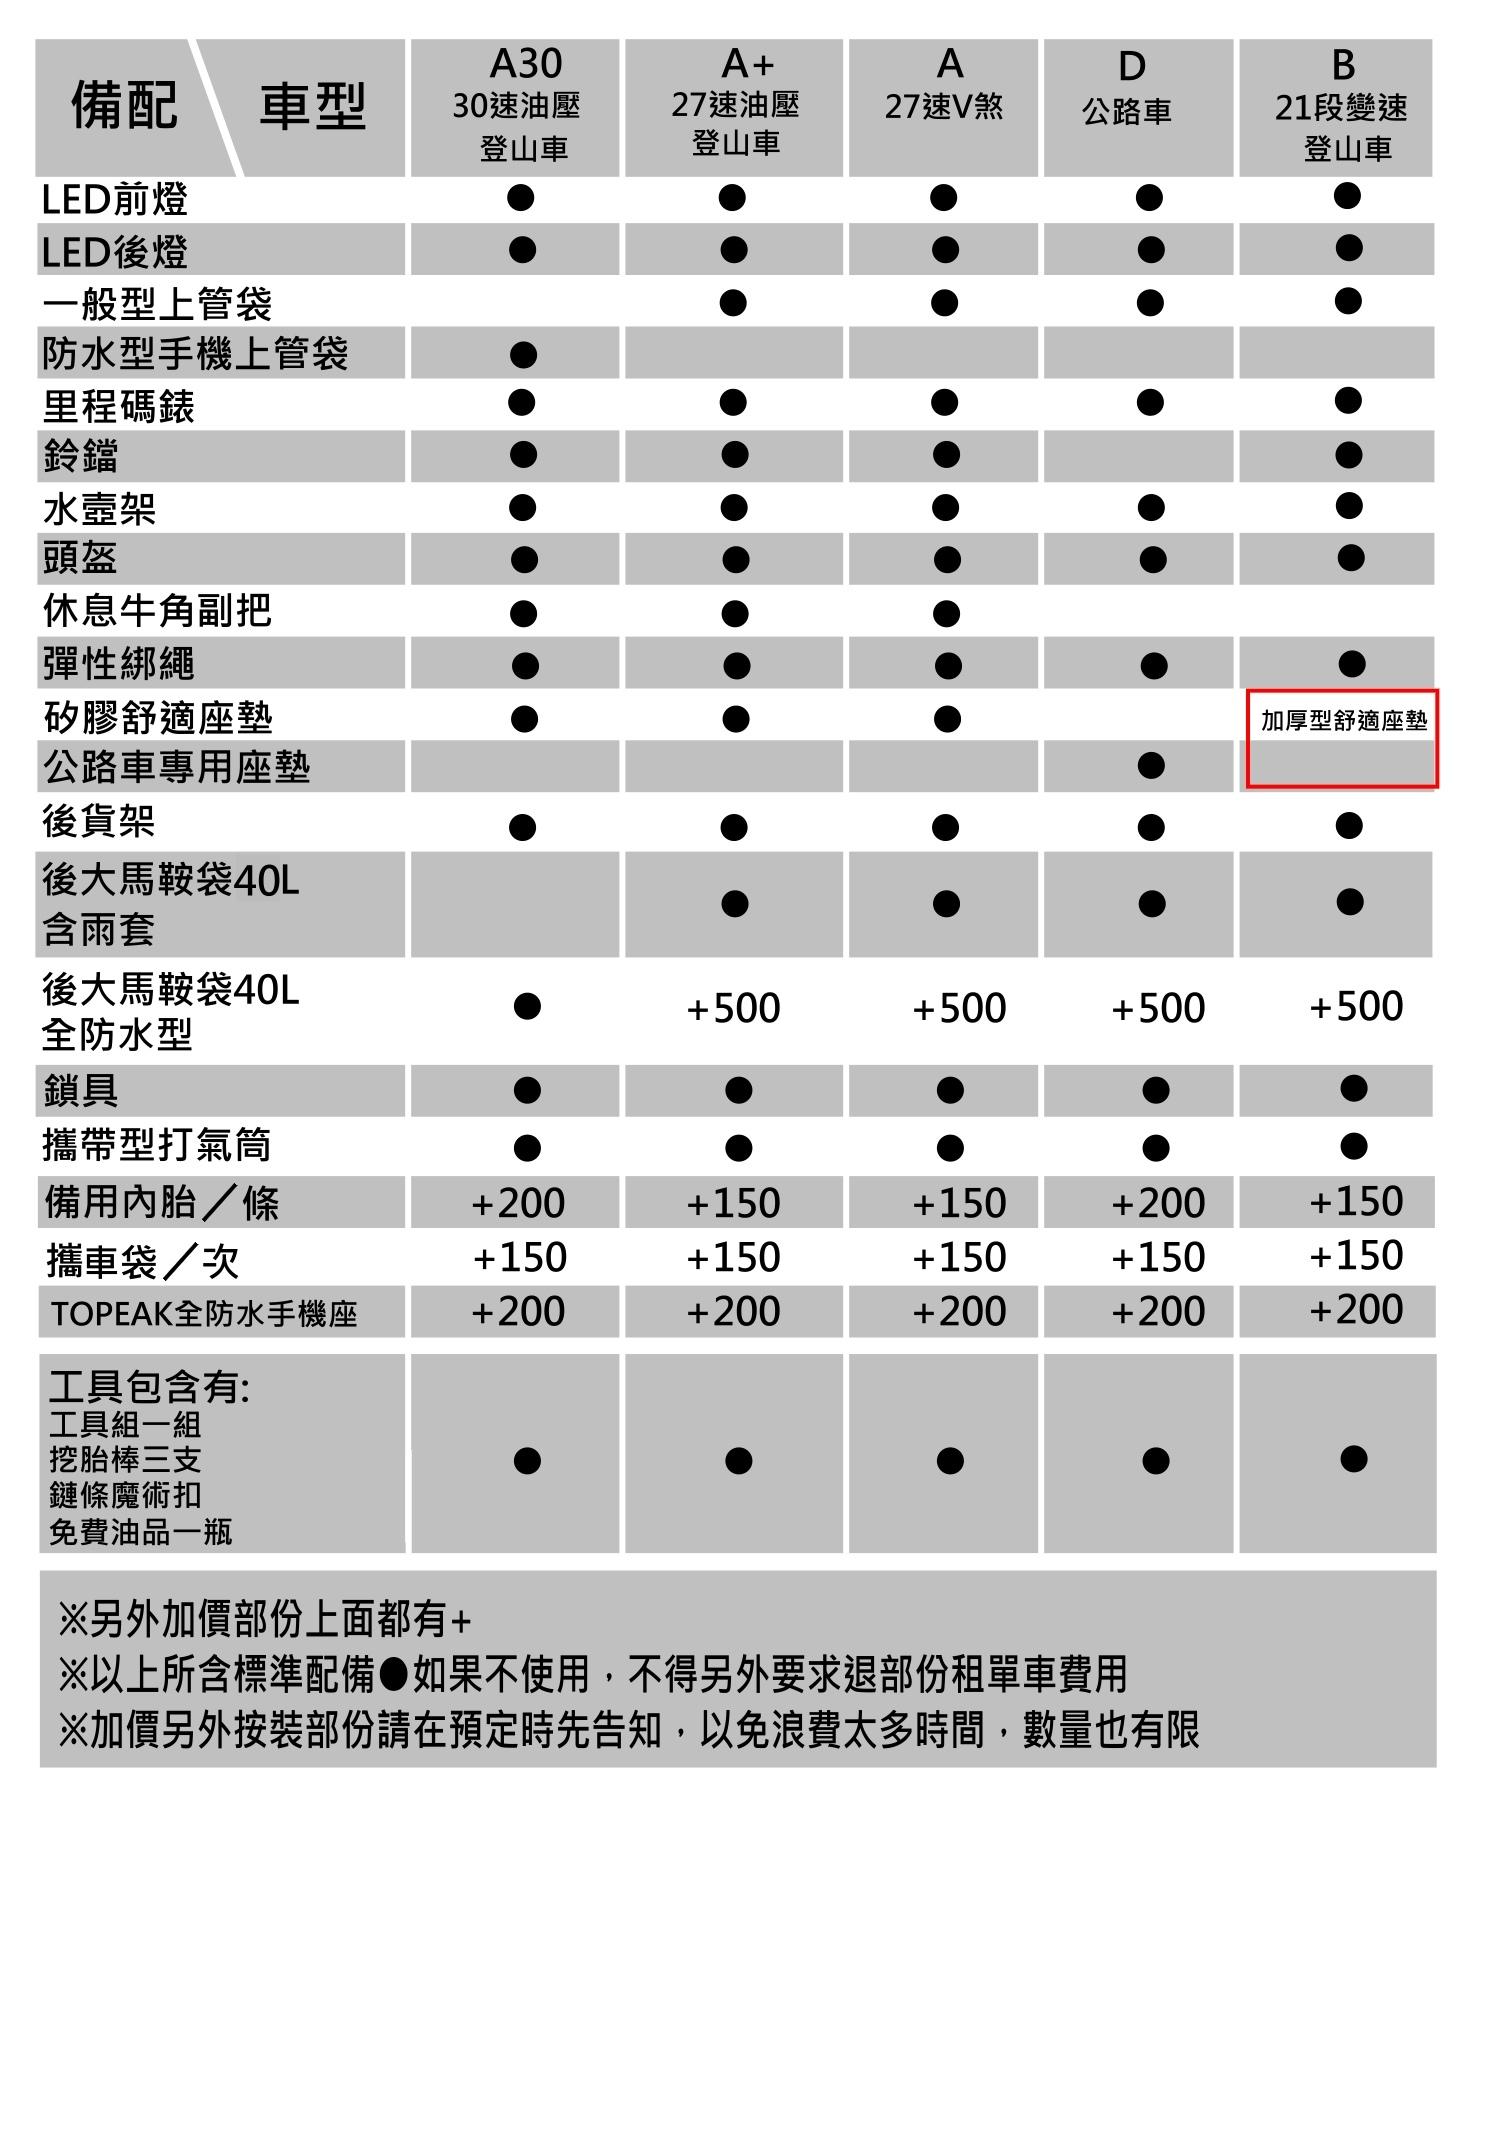 台灣標配- 1a.jpg